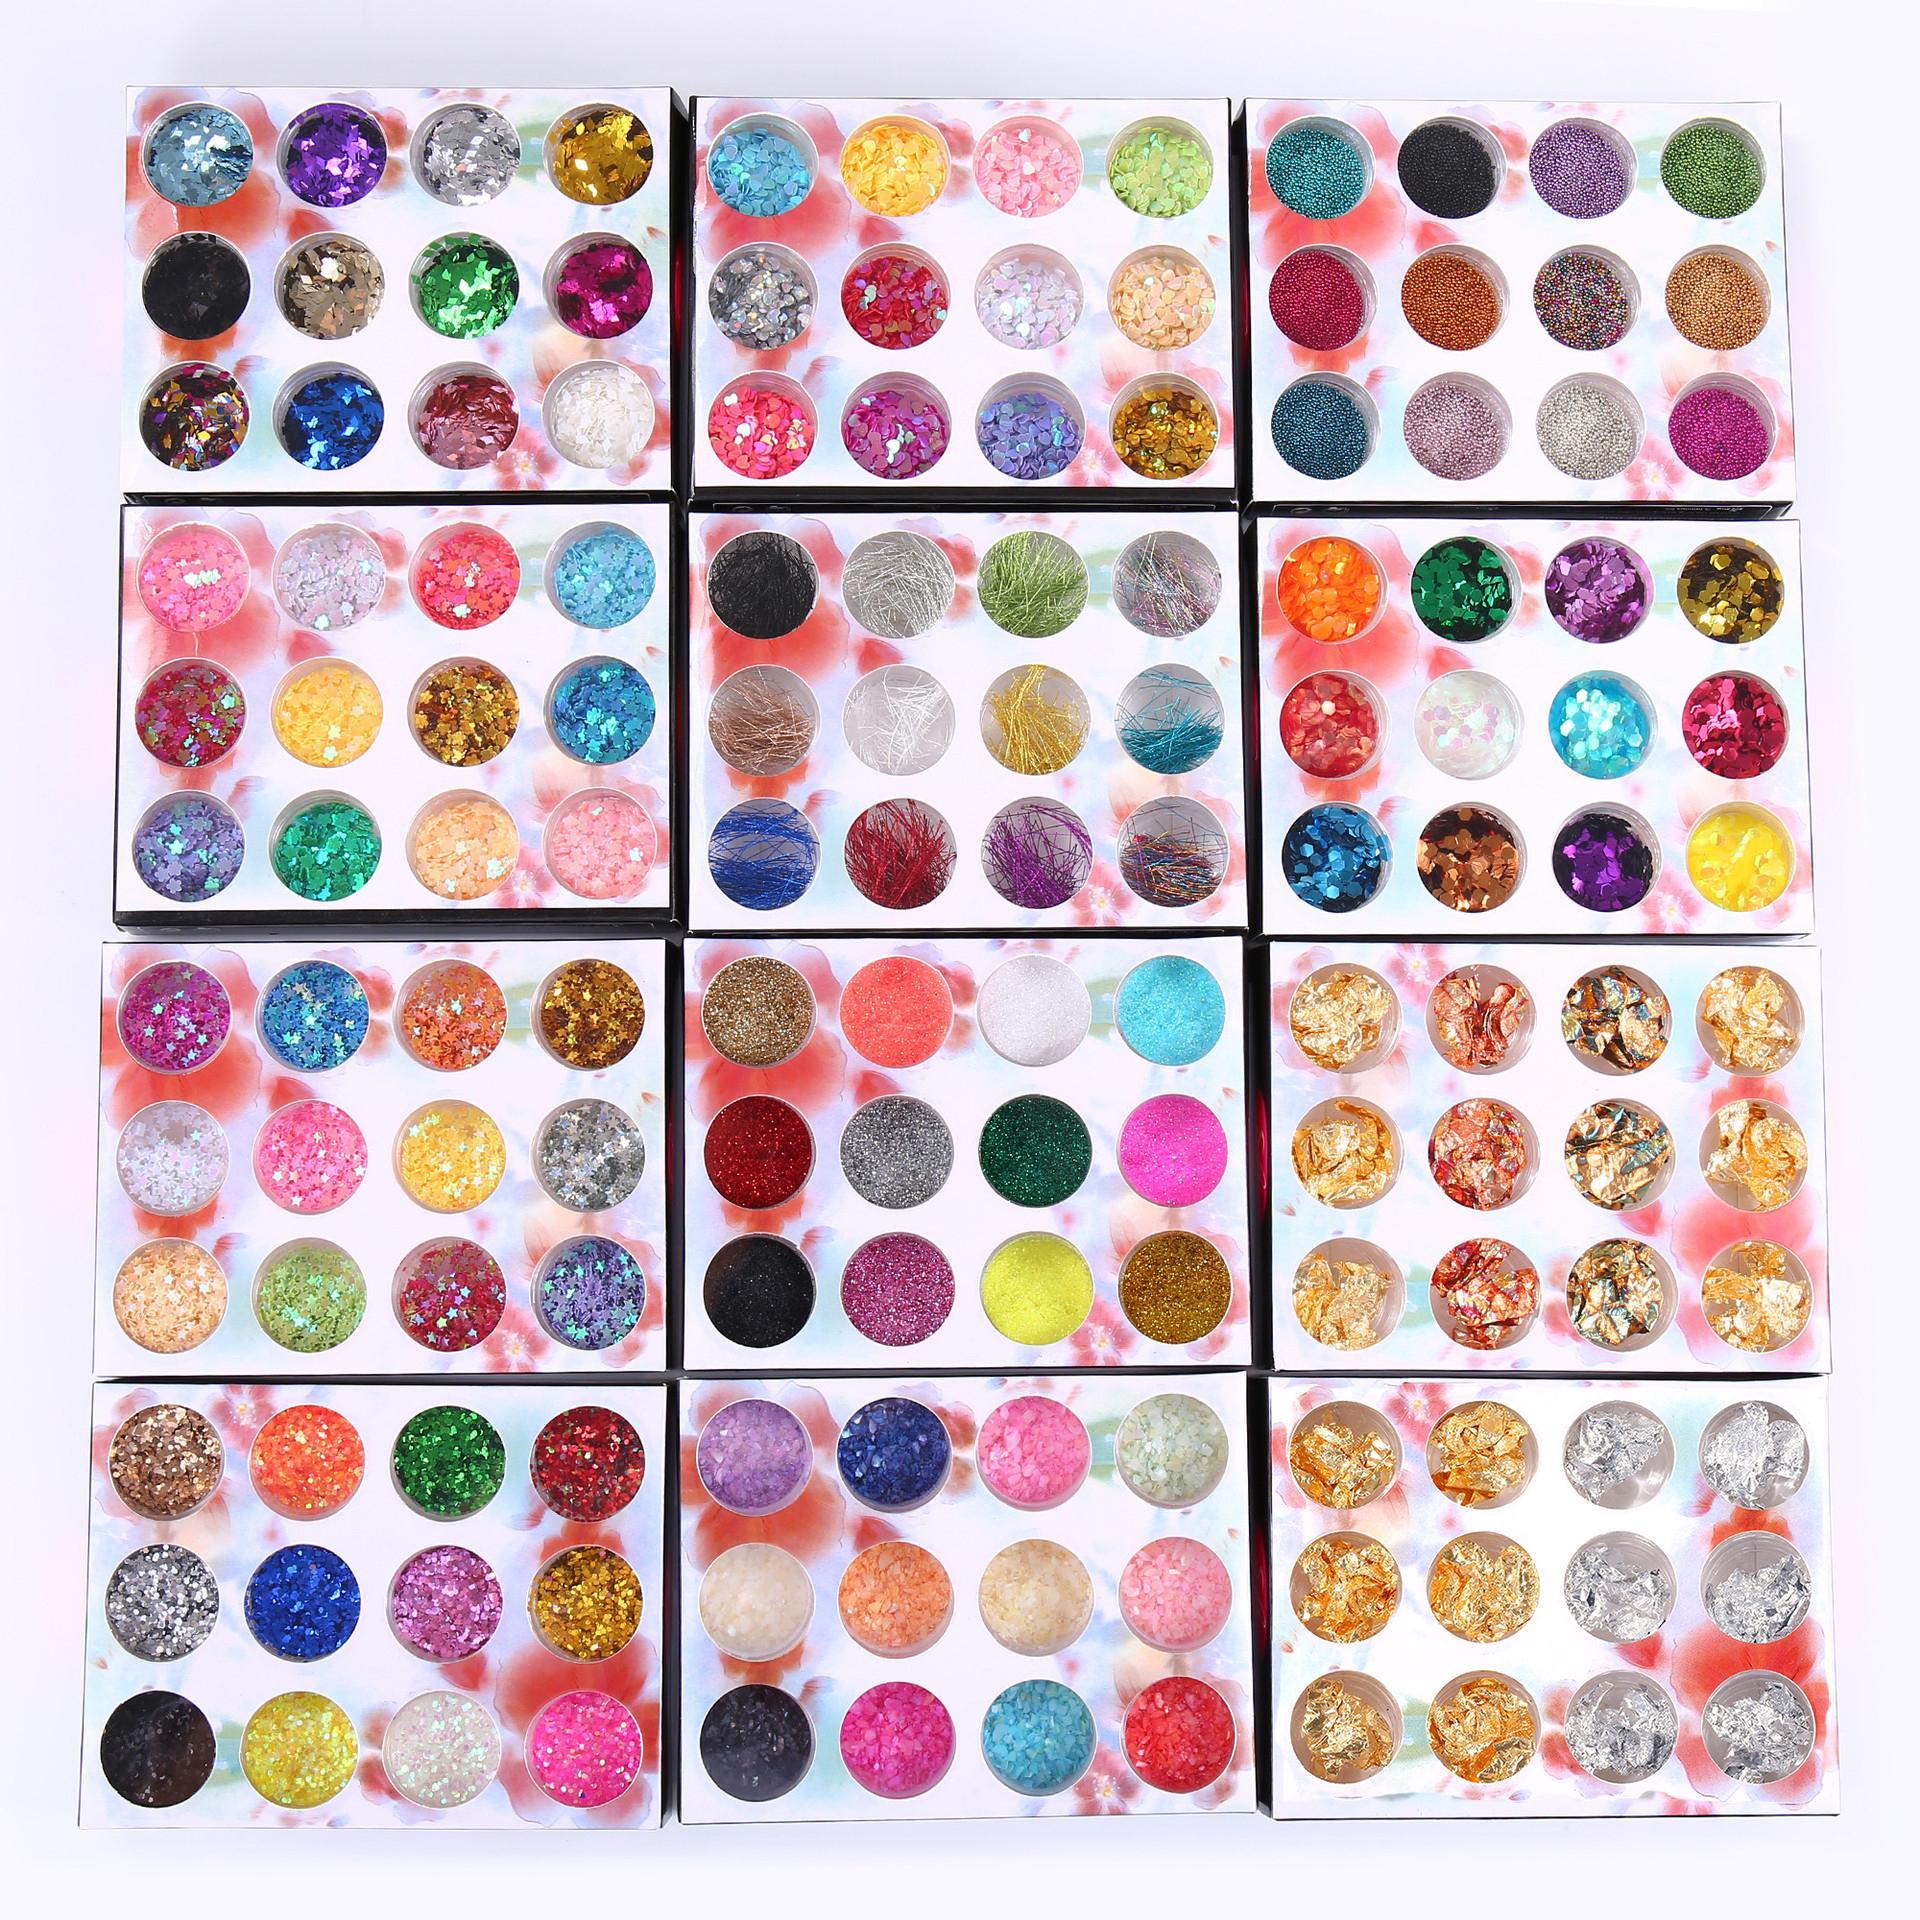 1 مربع غير النظامية قذيفة ورقة diy مسمار رقائق الملونة pacilettes مسمار الفن الترتر بريق رقائق pvc مانيكير السيلوفان